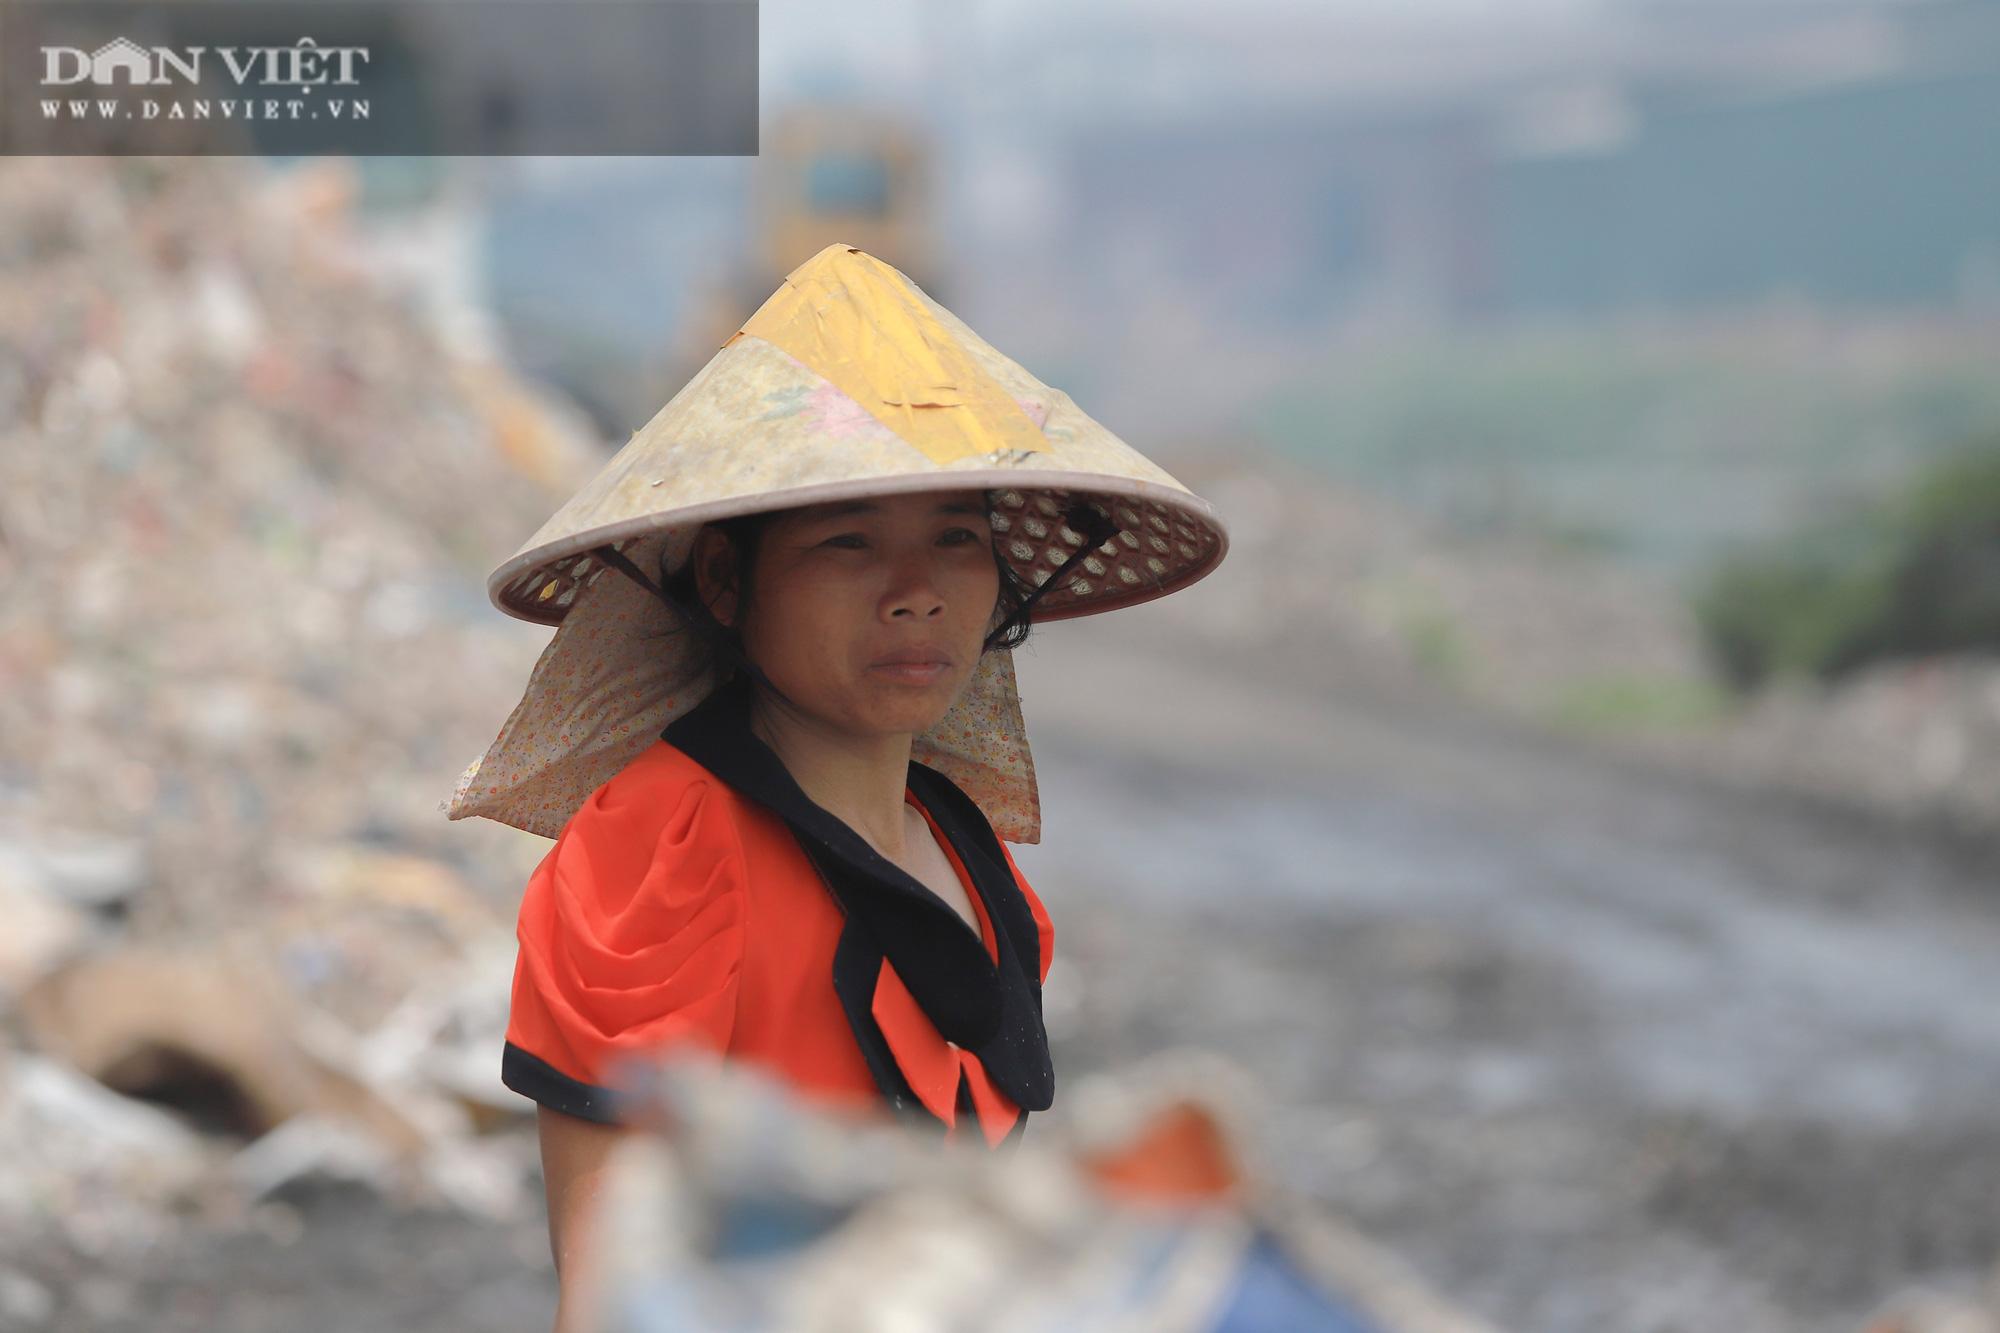 Ám ảnh khủng khiếp ở làng giấy Phú Lâm: Ô nhiễm đến con ruồi cũng không sống nổi, công nhân bán mòn sức - Ảnh 25.